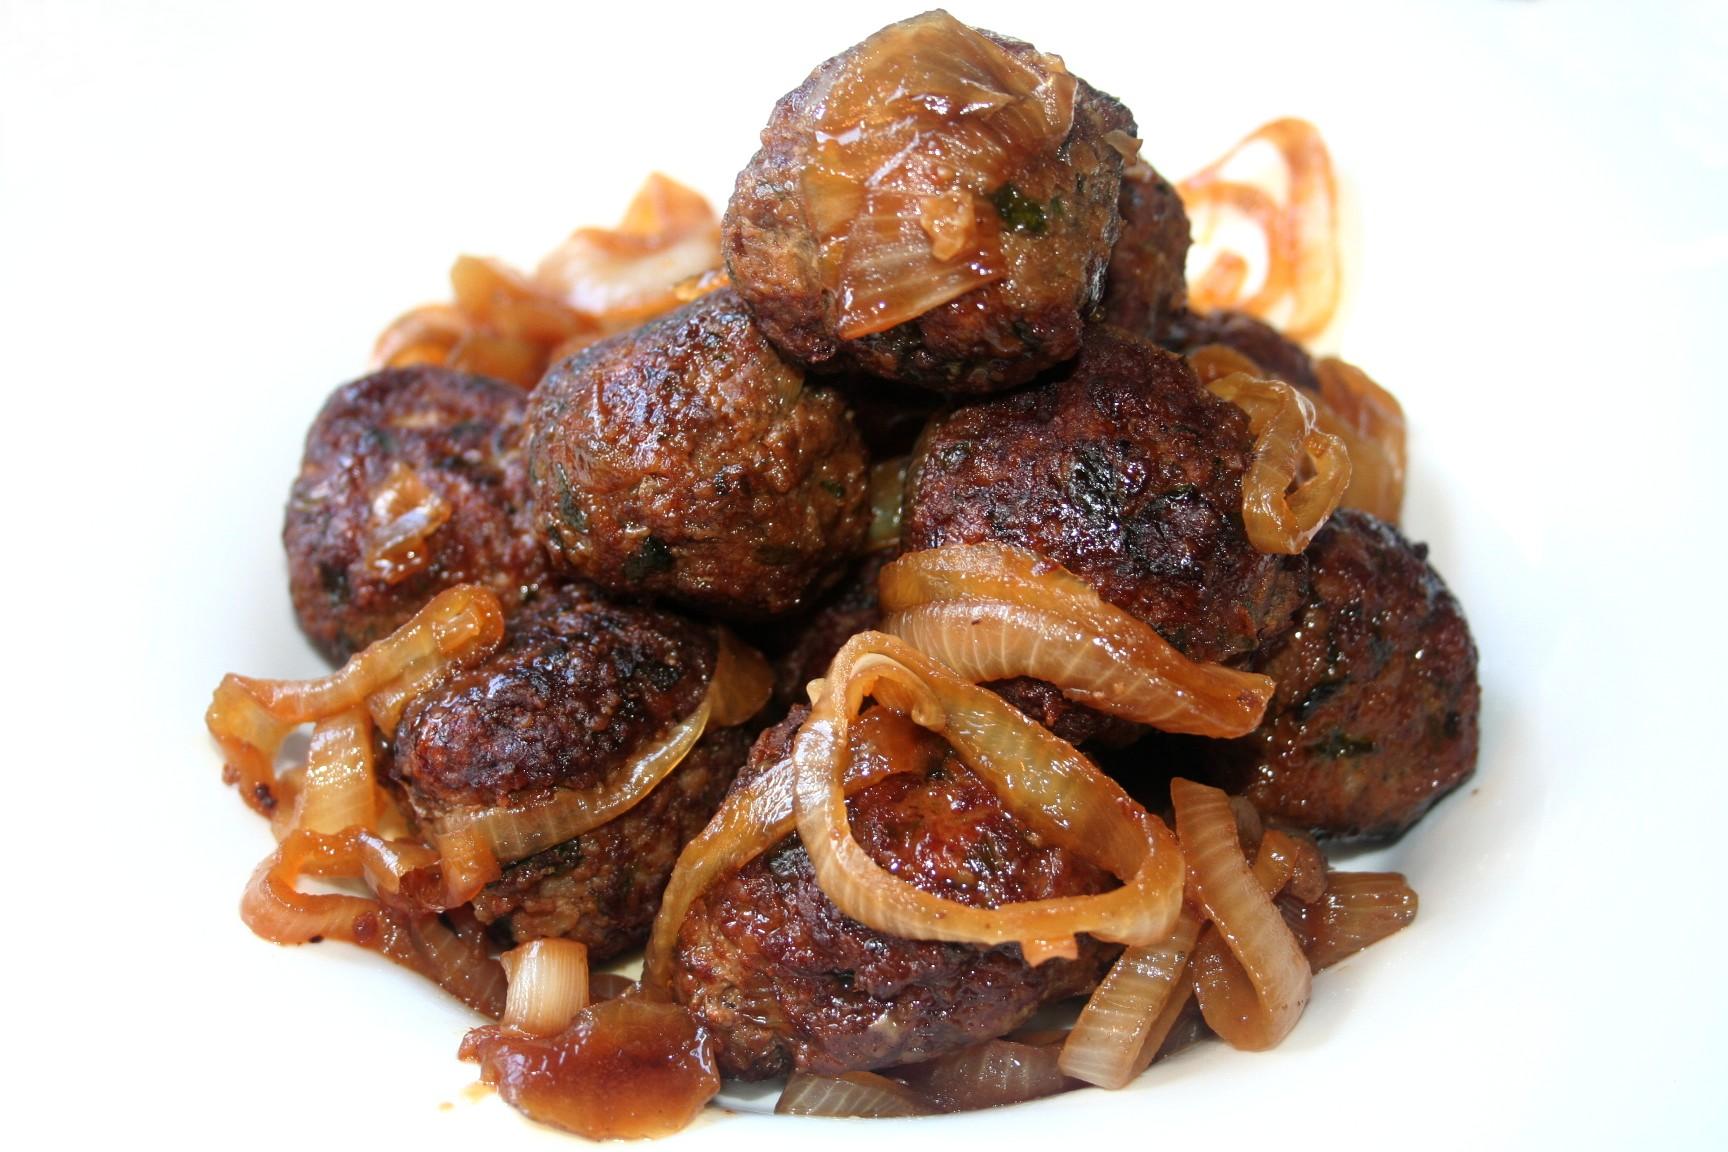 כדורי בשר בטעם מתוק חריף